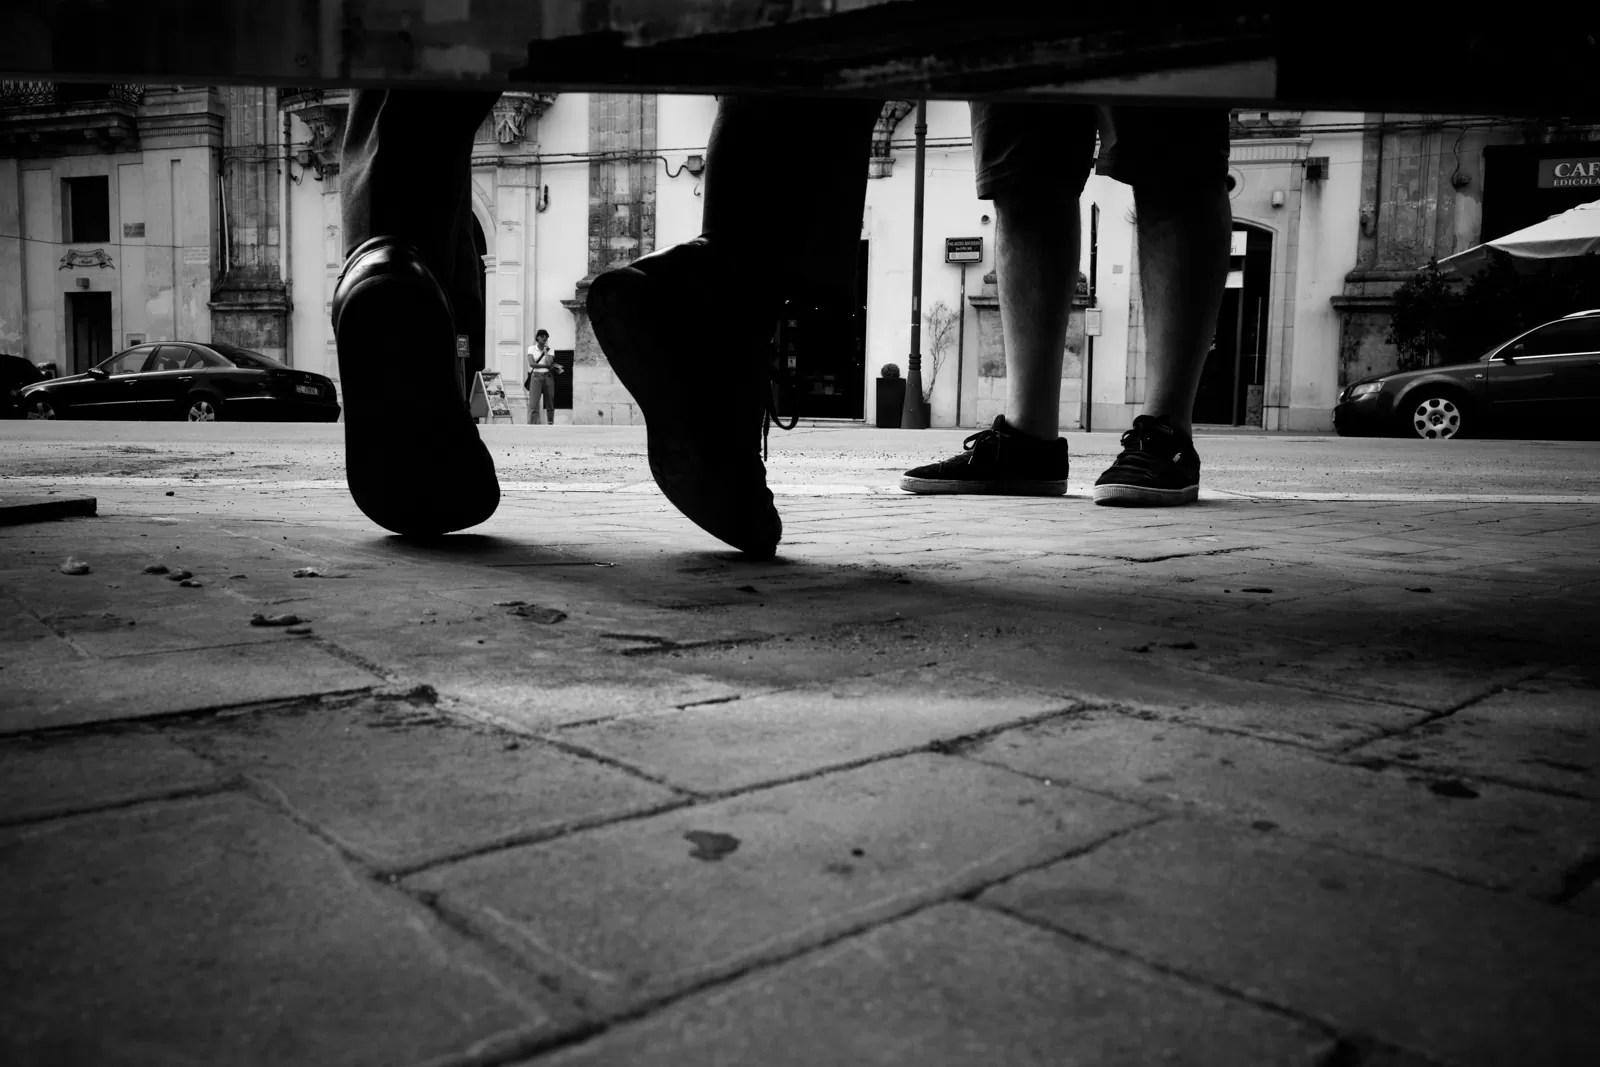 Andrea Scirè Street Photography - Modica 2019 - Premio Luce Iblea